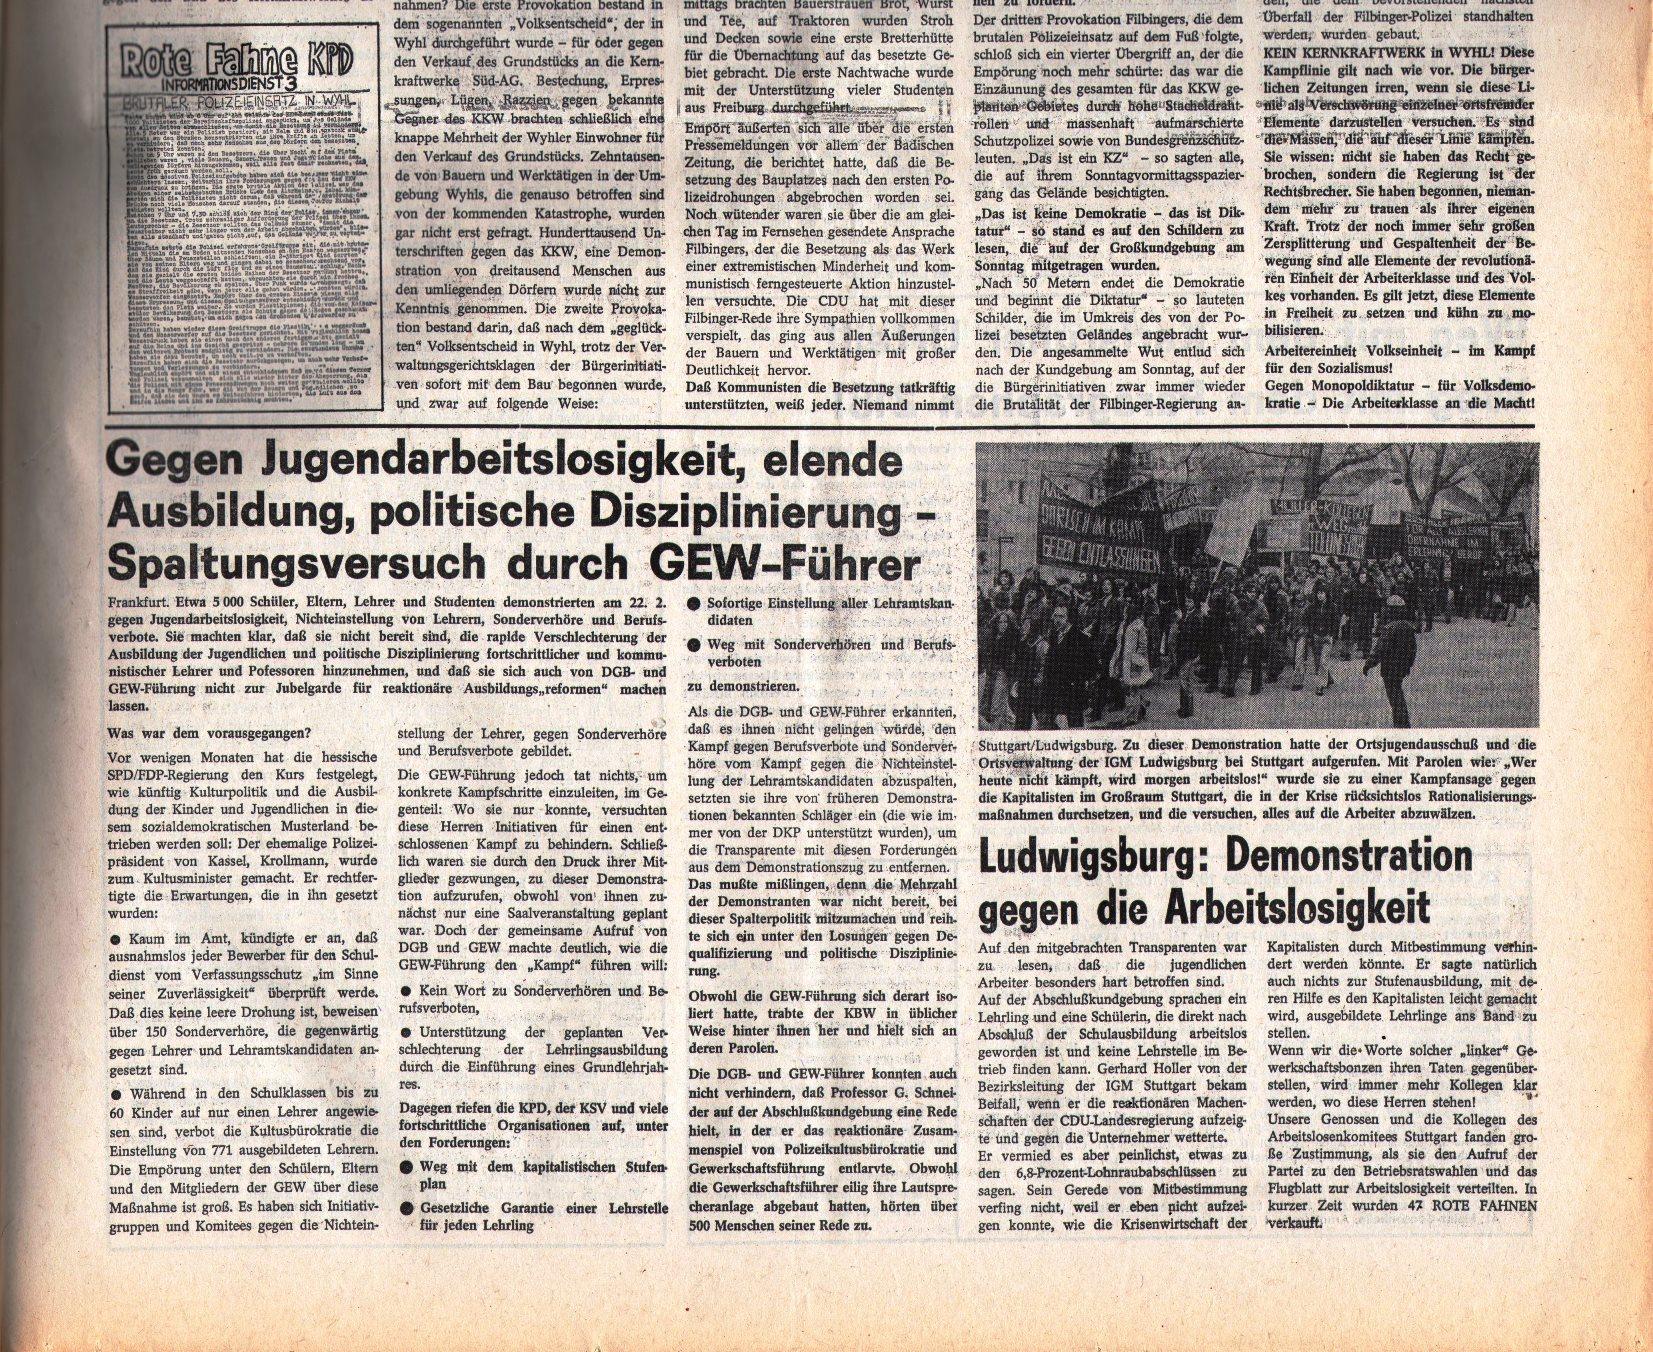 KPD_Rote_Fahne_1975_08_10